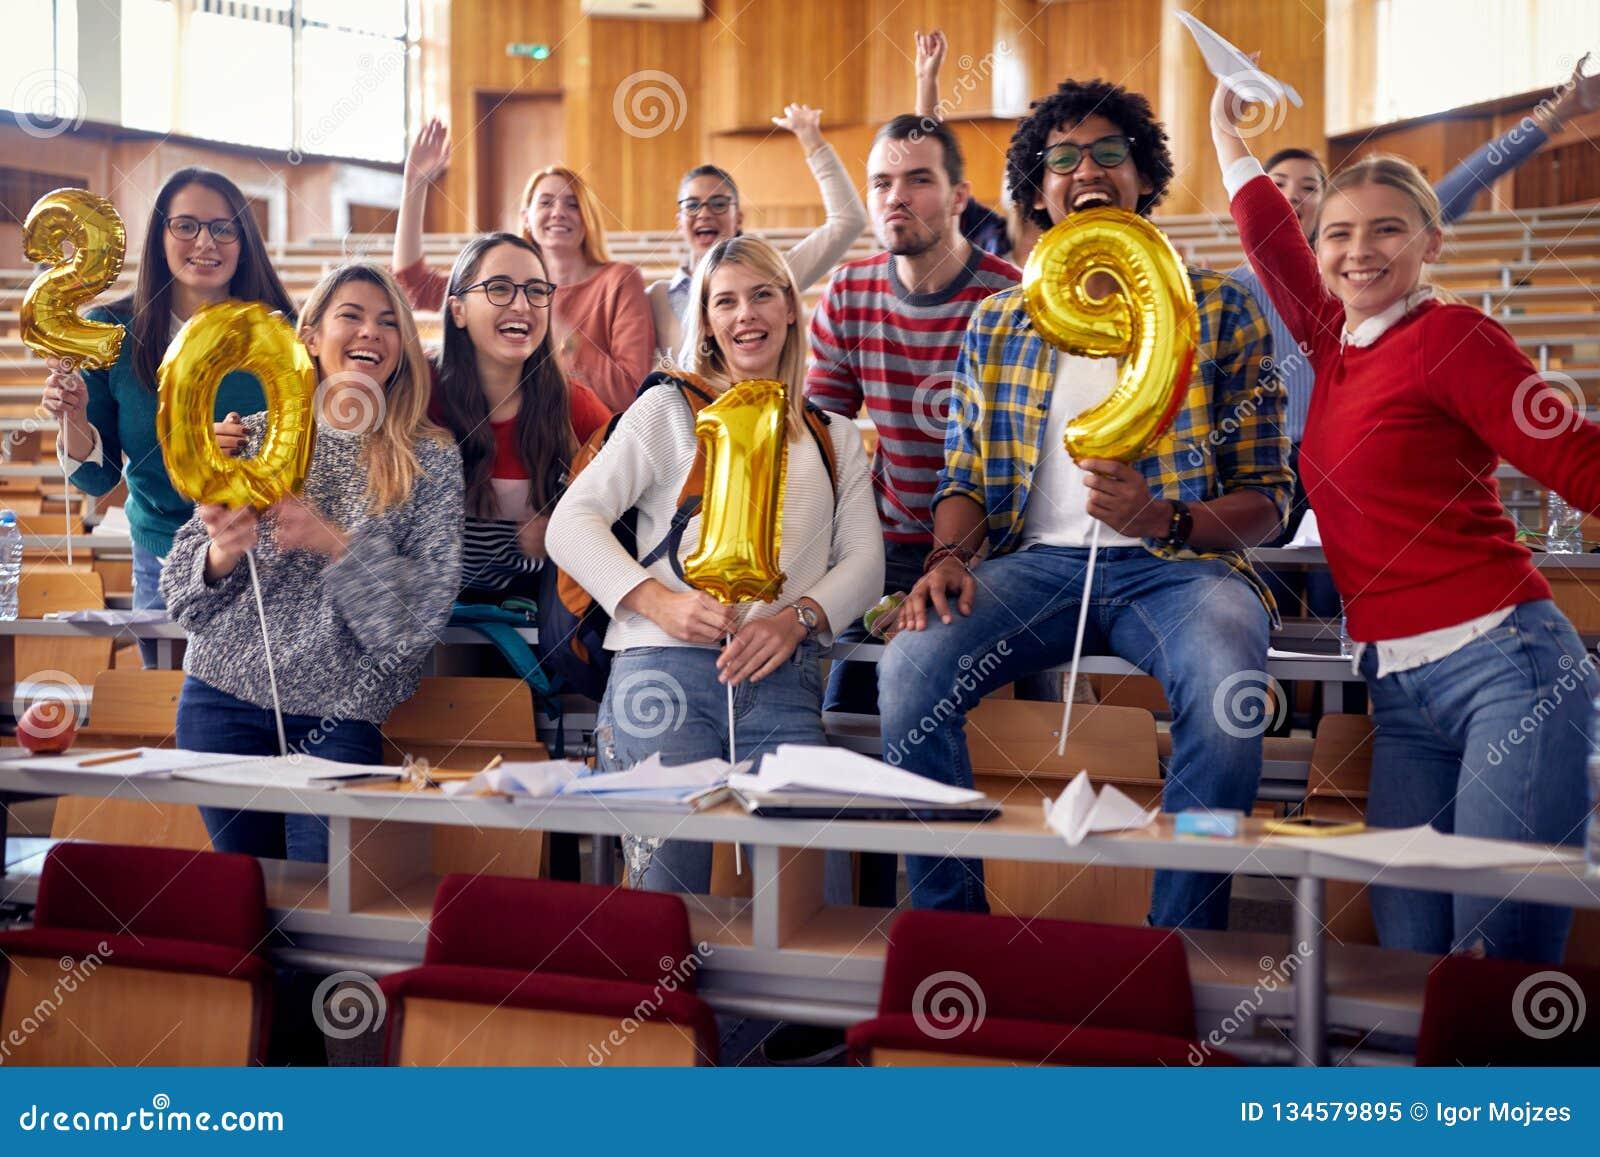 Estudiantes sonrientes que tienen partido en universidad